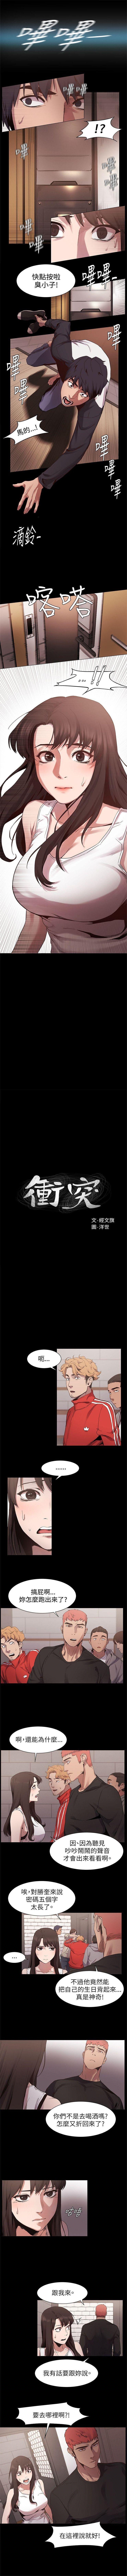 衝突 1-100官方中文(連載中) 33